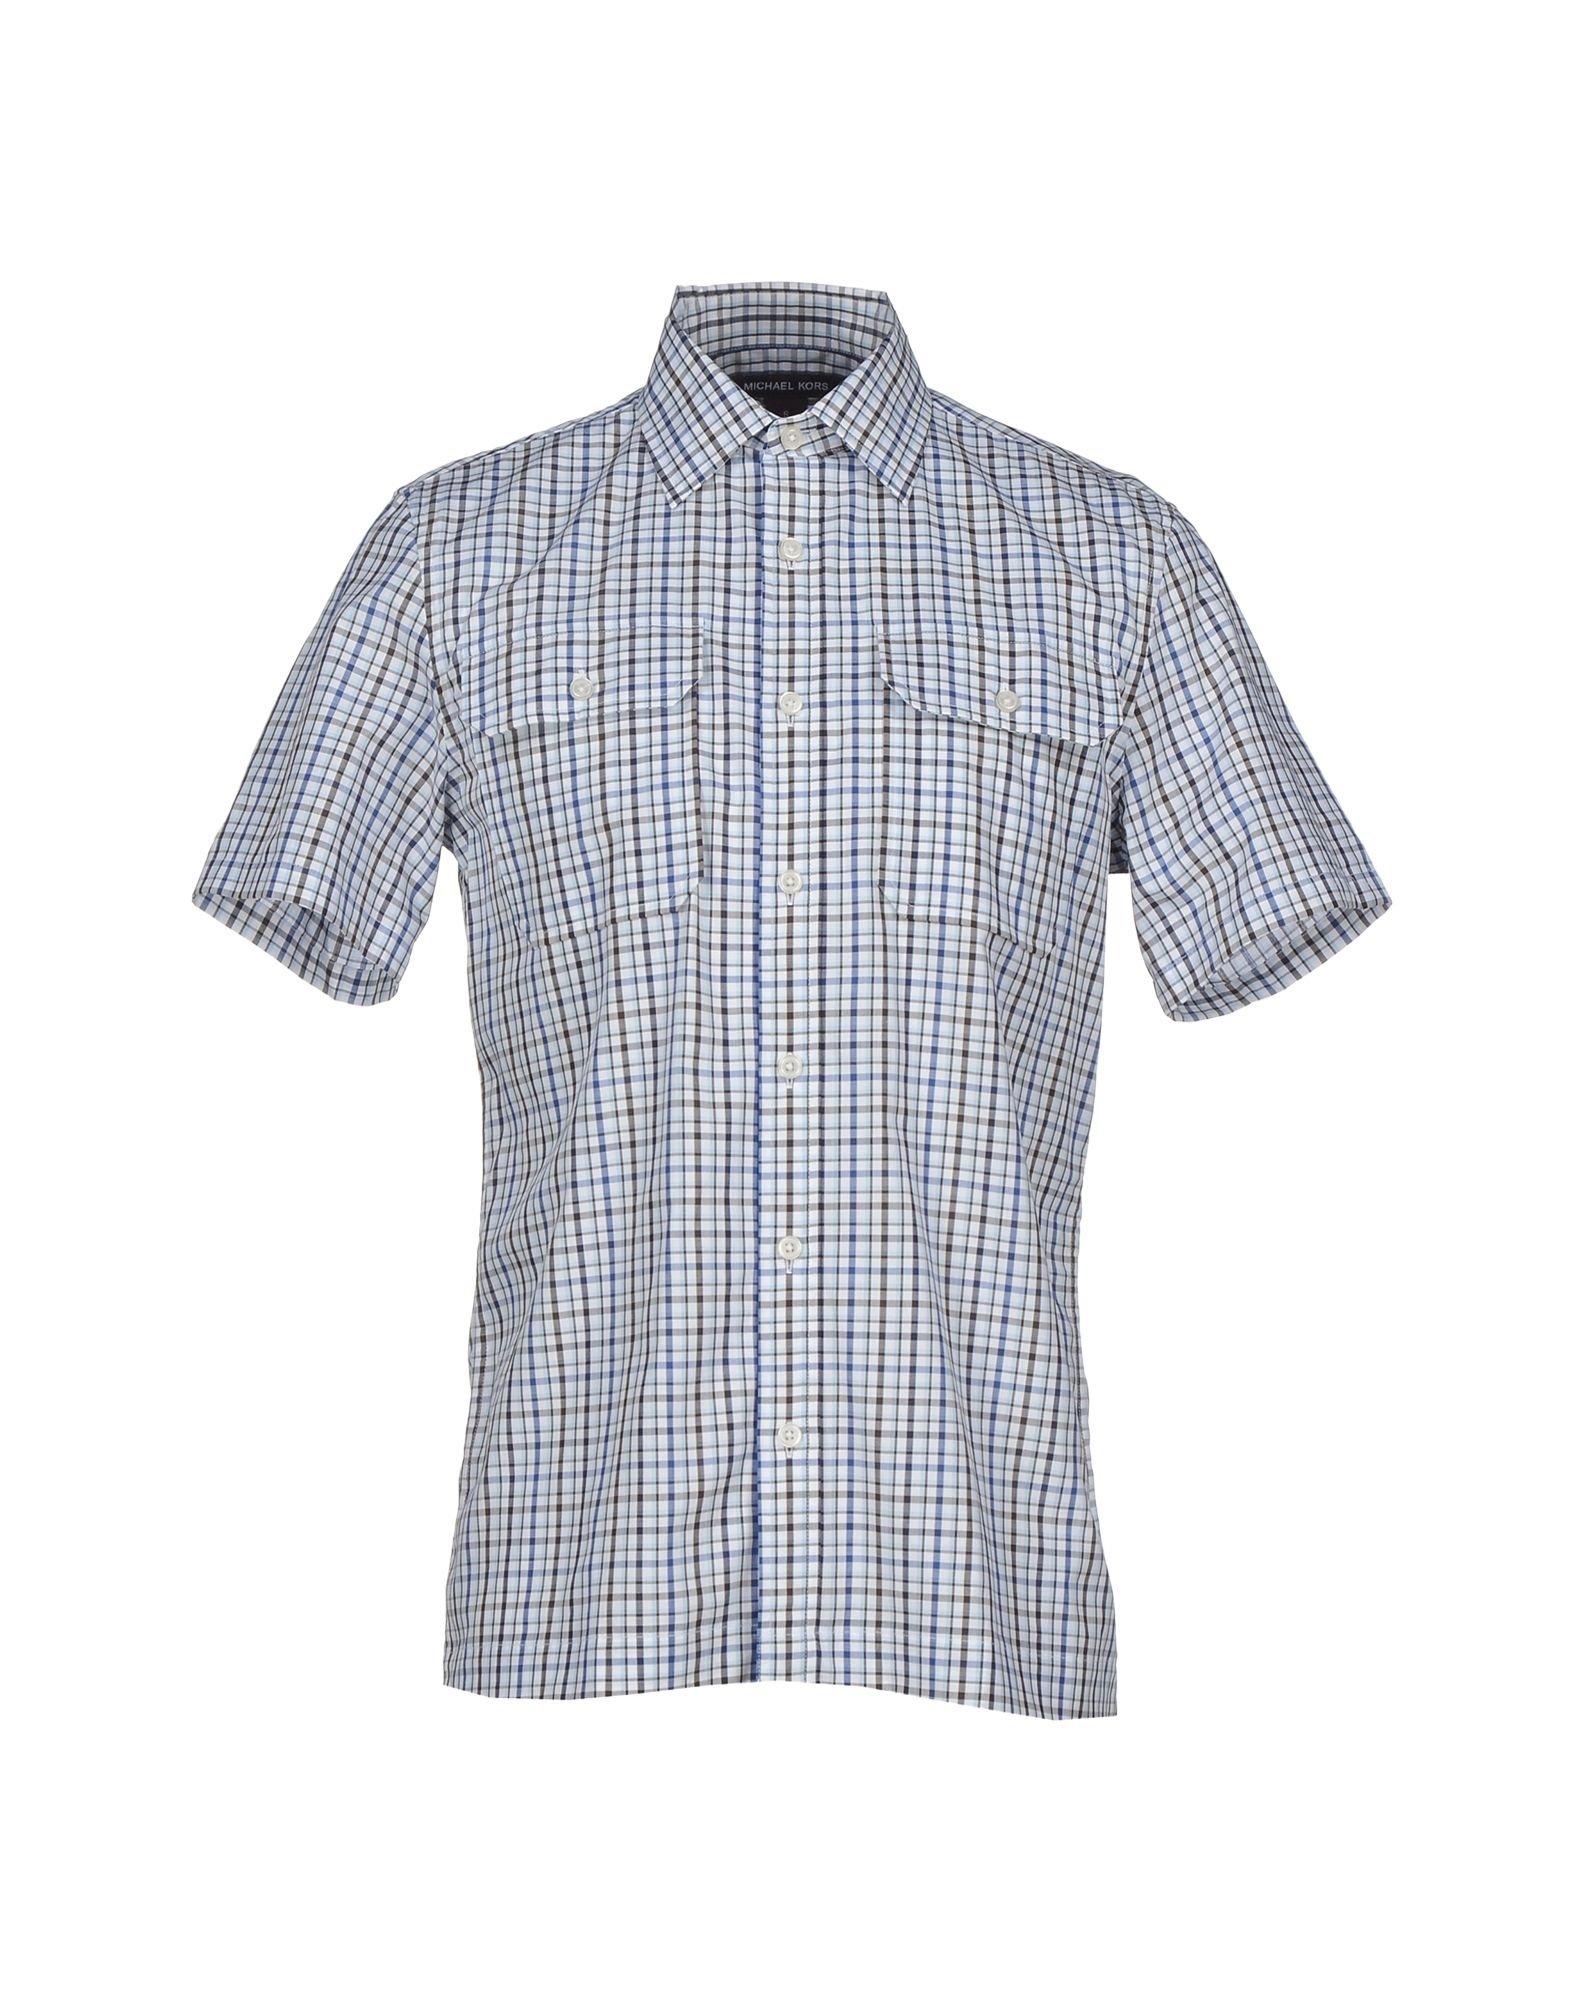 michael kors shirt in blue for men lyst. Black Bedroom Furniture Sets. Home Design Ideas